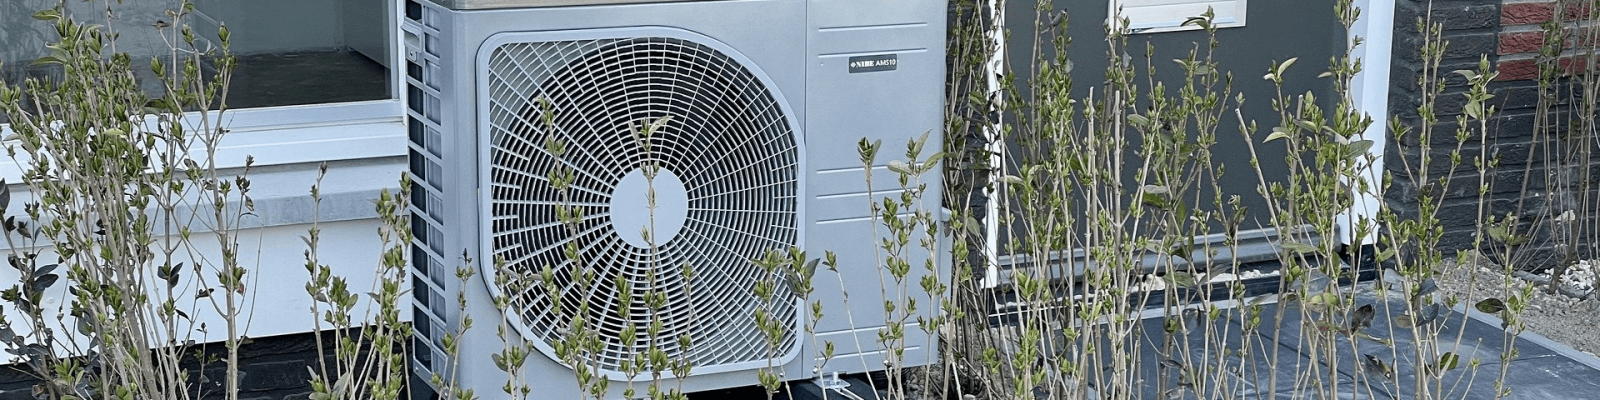 Een warmtepomp die buiten geïnstalleerd is